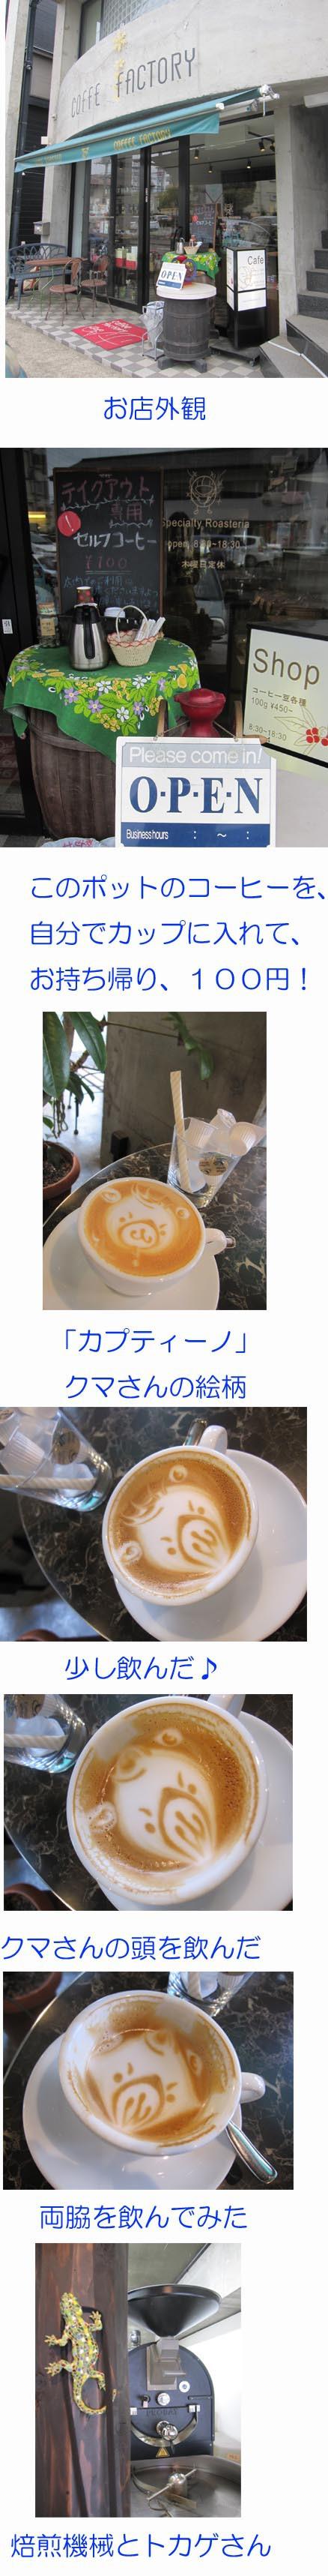 コーヒーファクトリーさん